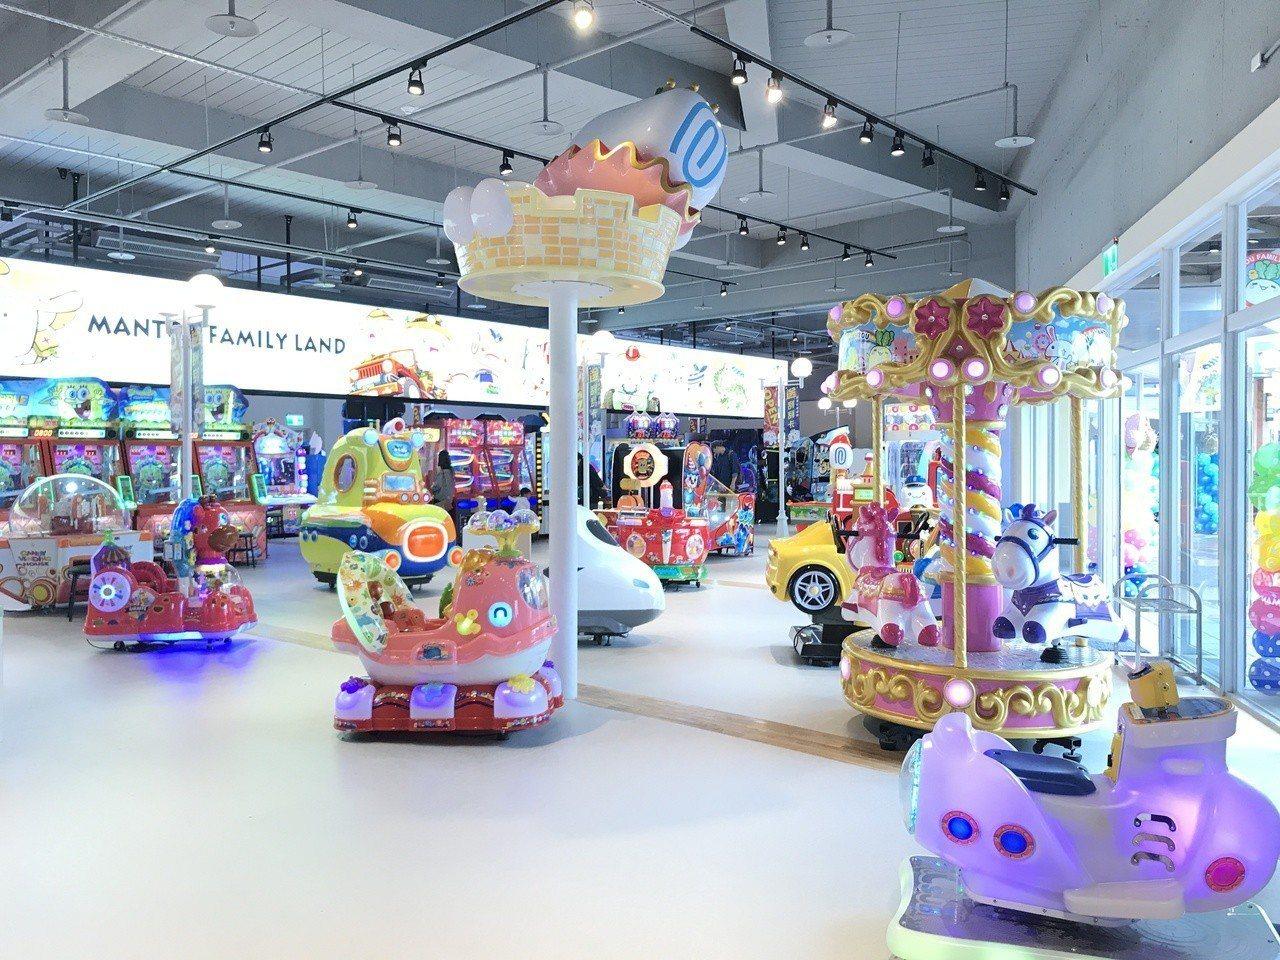 華泰名品城三期增設室內室外娛樂設施滿足家庭客。記者江佩君/攝影